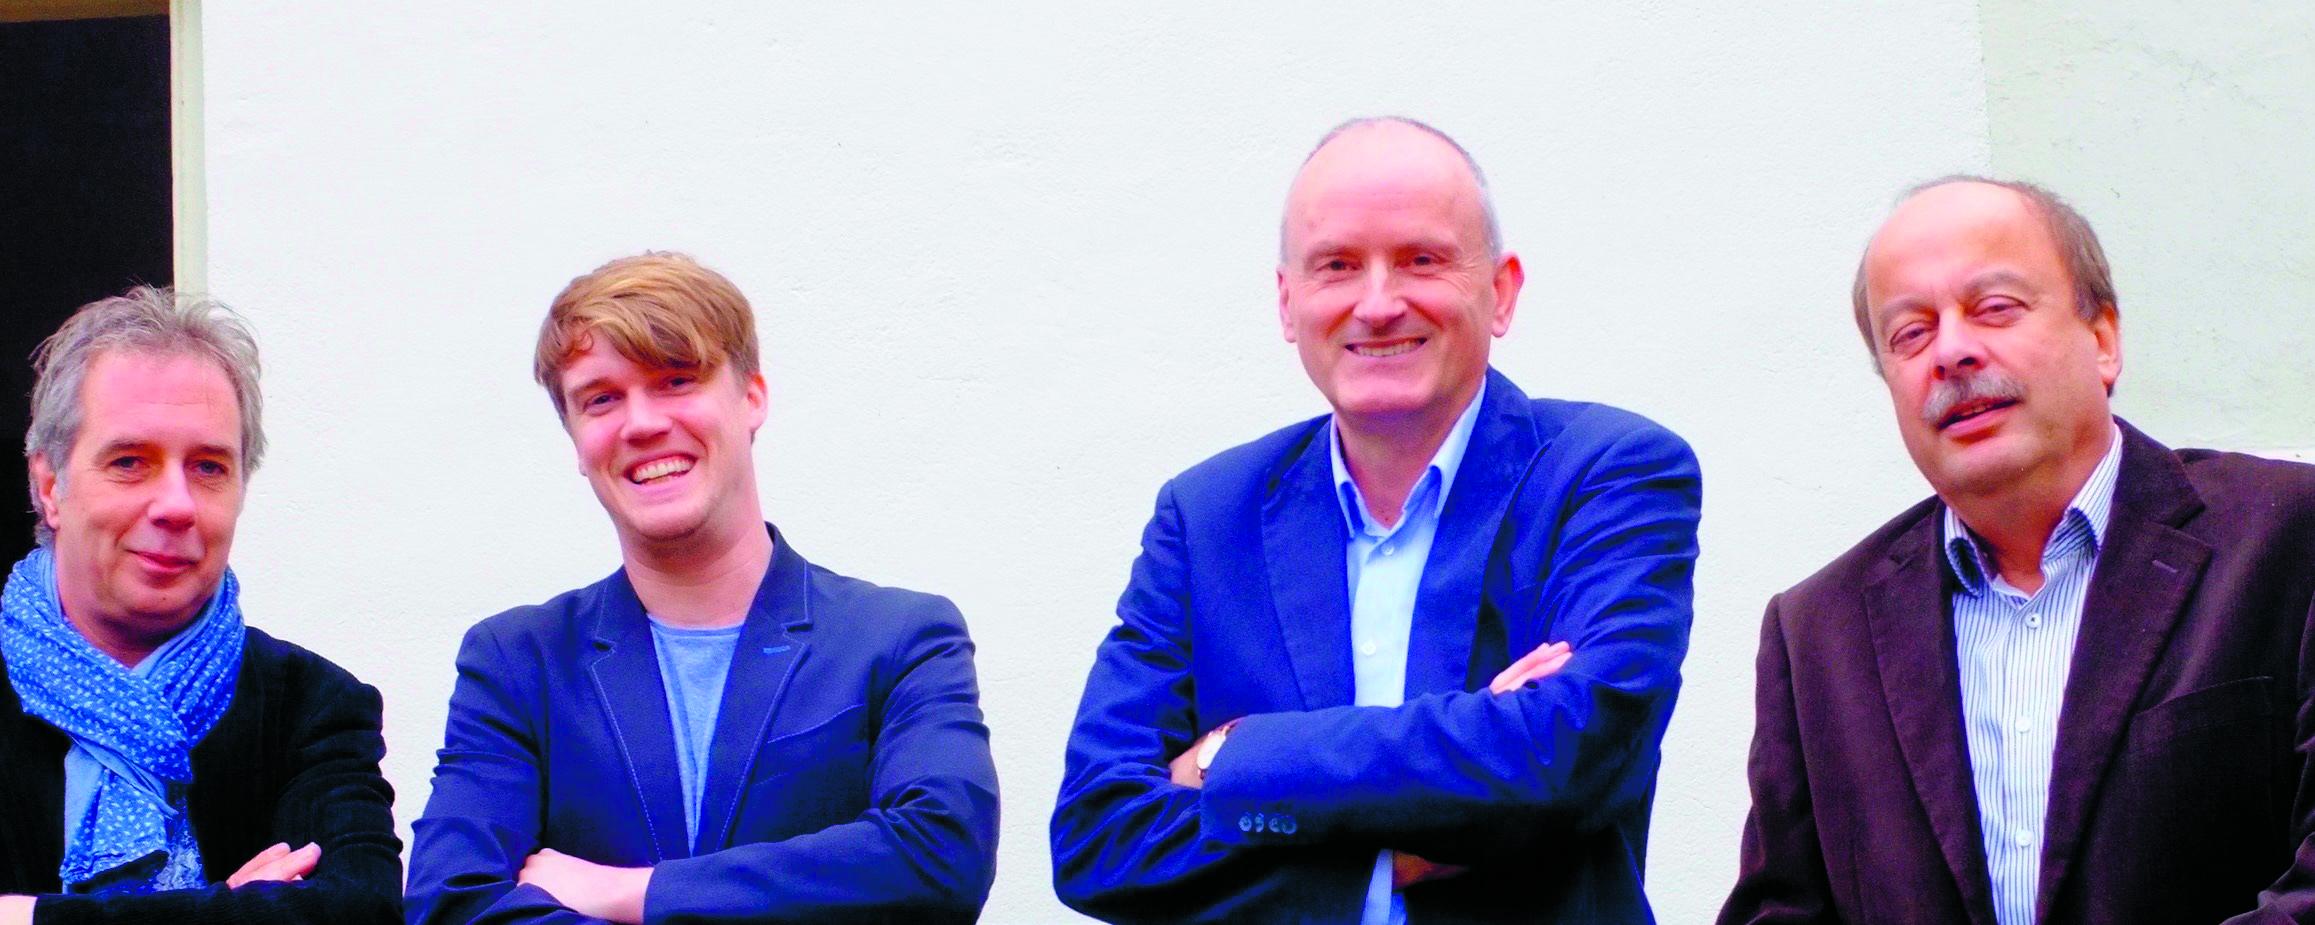 Michiel Tegelberg, Reinout Wieffenbach, Auke Haaksma en Henk Jan van Sluijs spelen 2 december in de Pianokamer in Spierdijk. (Foto: aangeleverd)